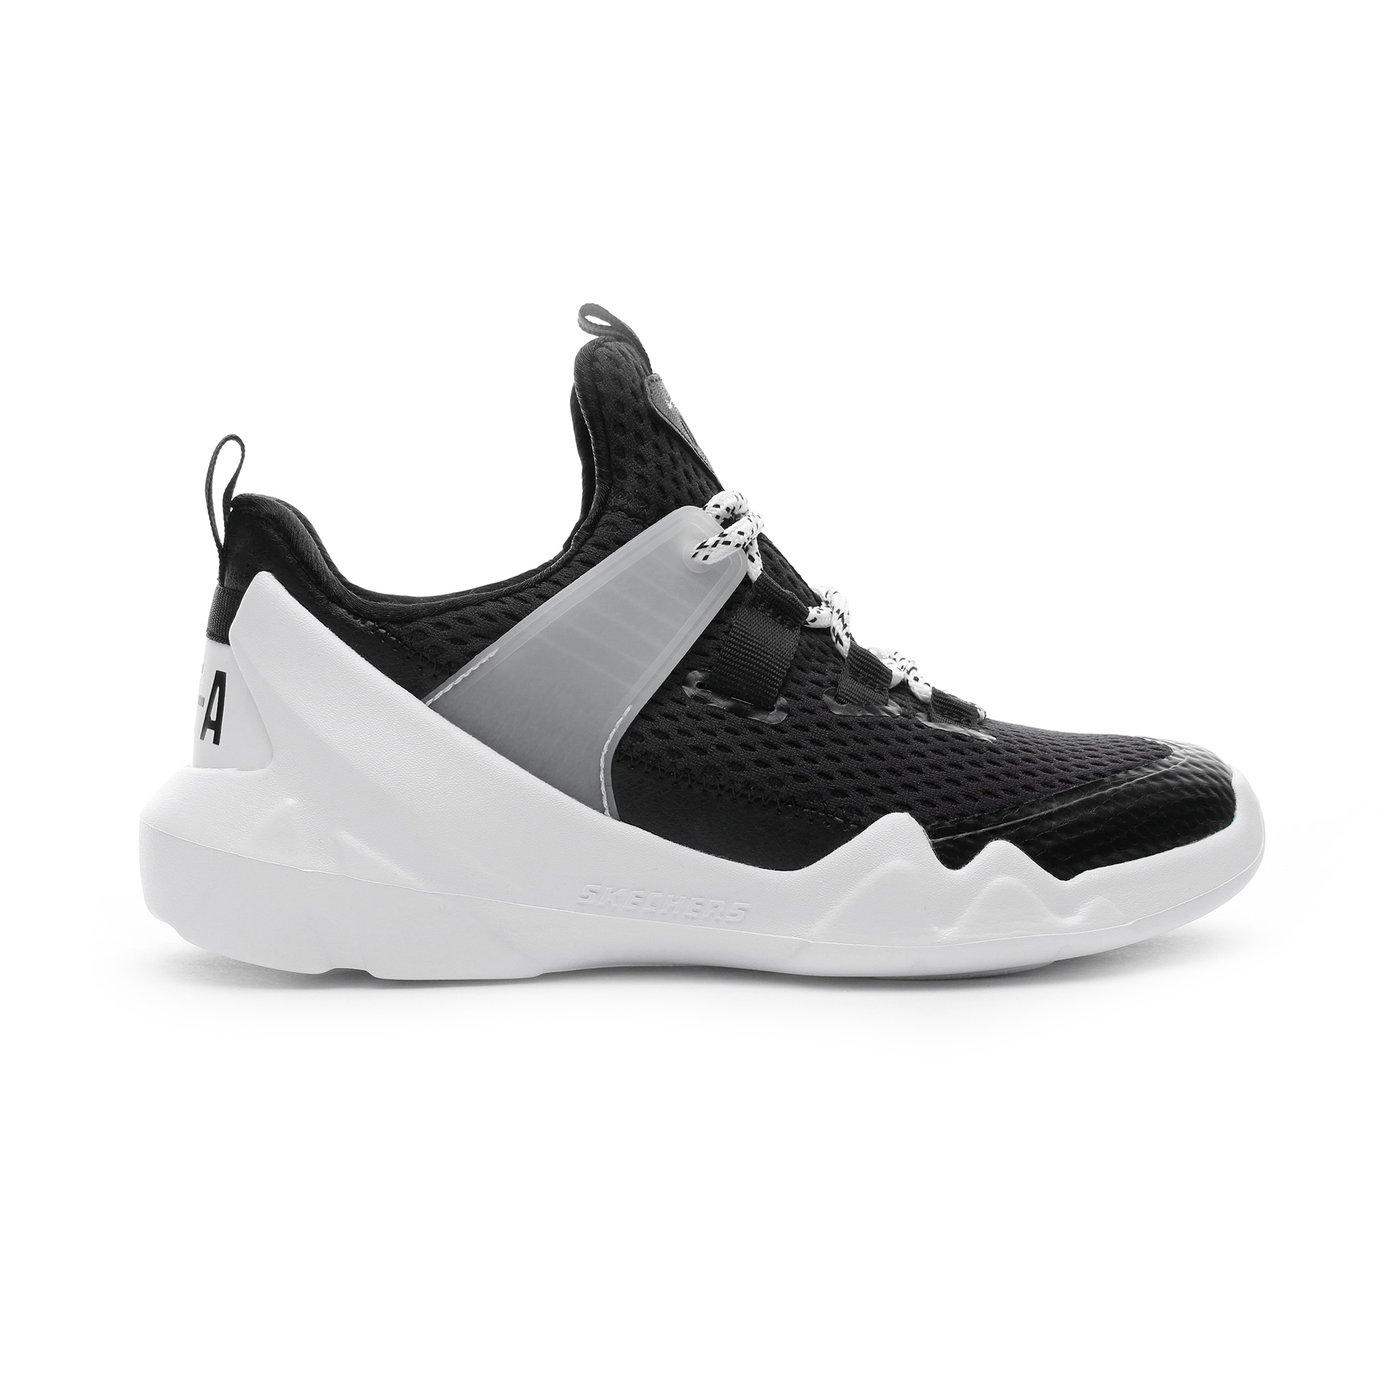 Skechers DLT-A Siyah Kadın Spor Ayakkabı